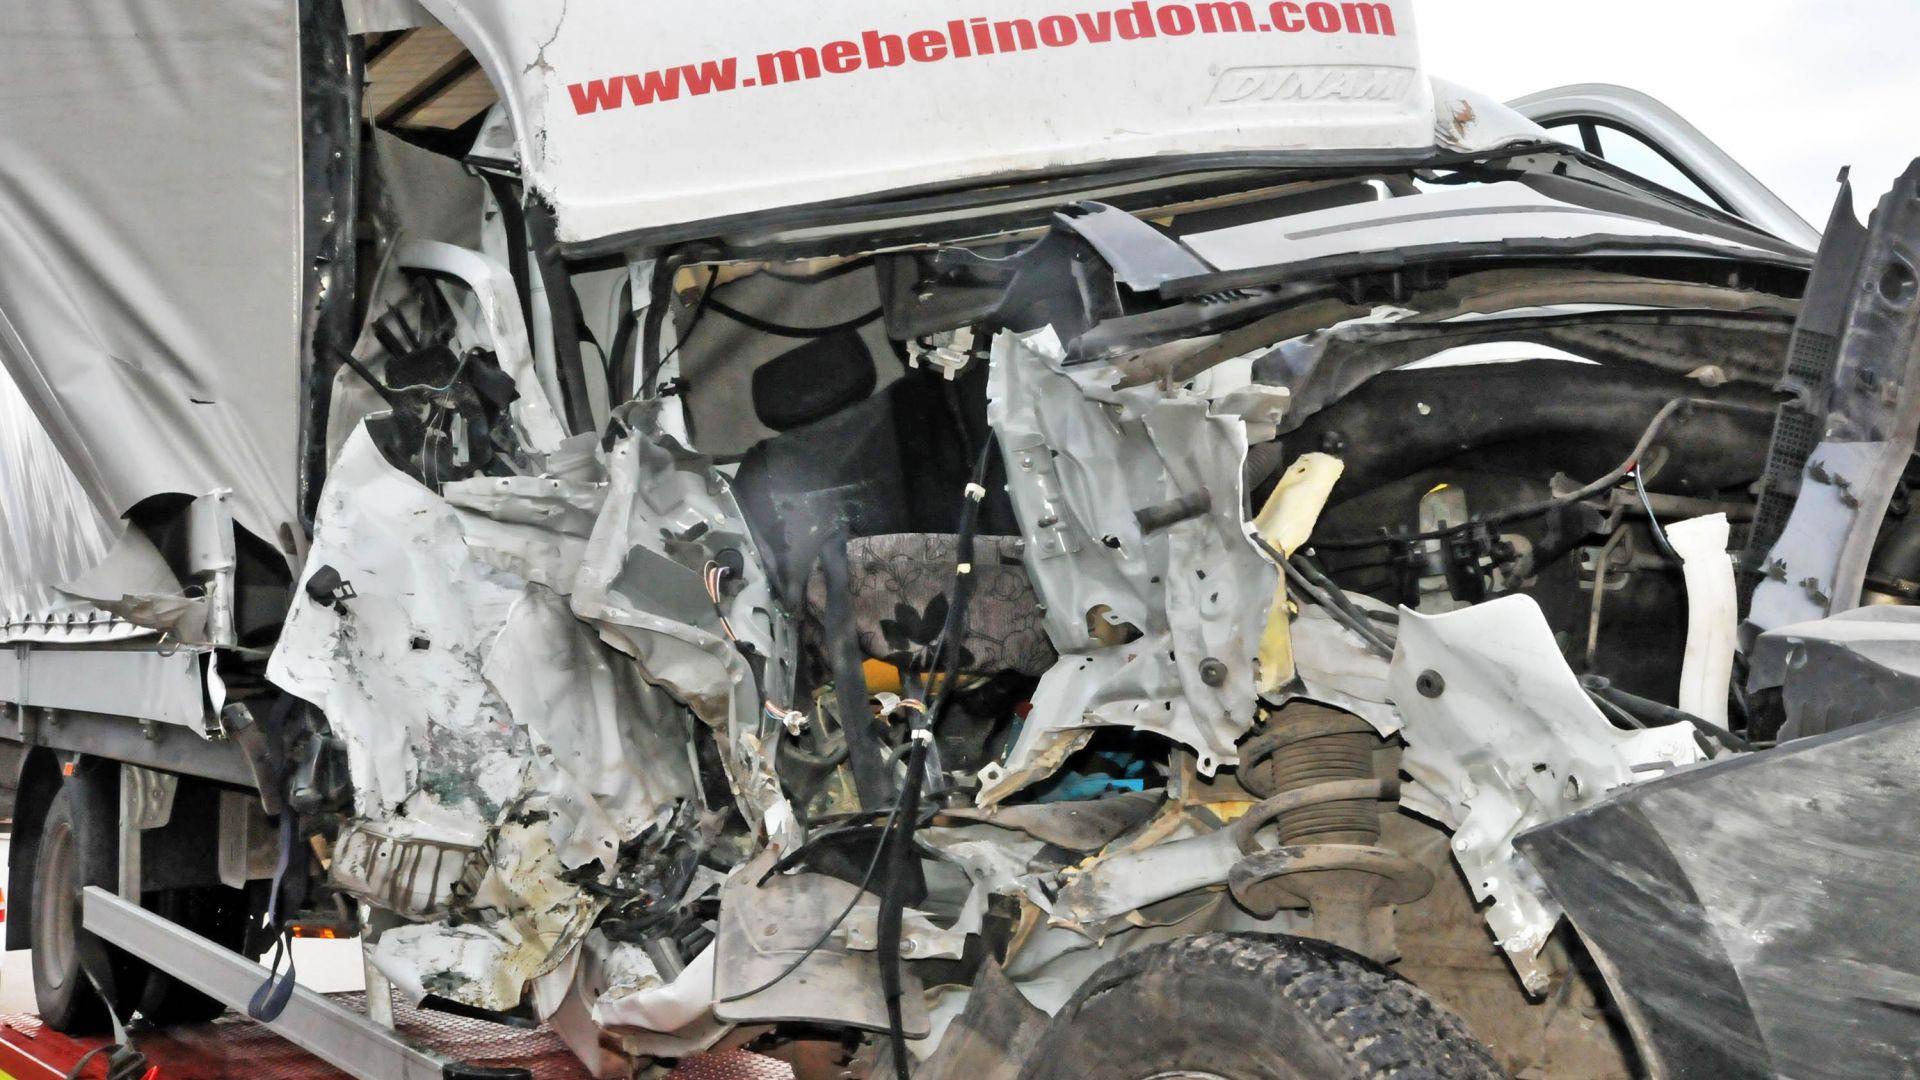 53-годишен мъж загина след челен удар на два камиона (снимки)